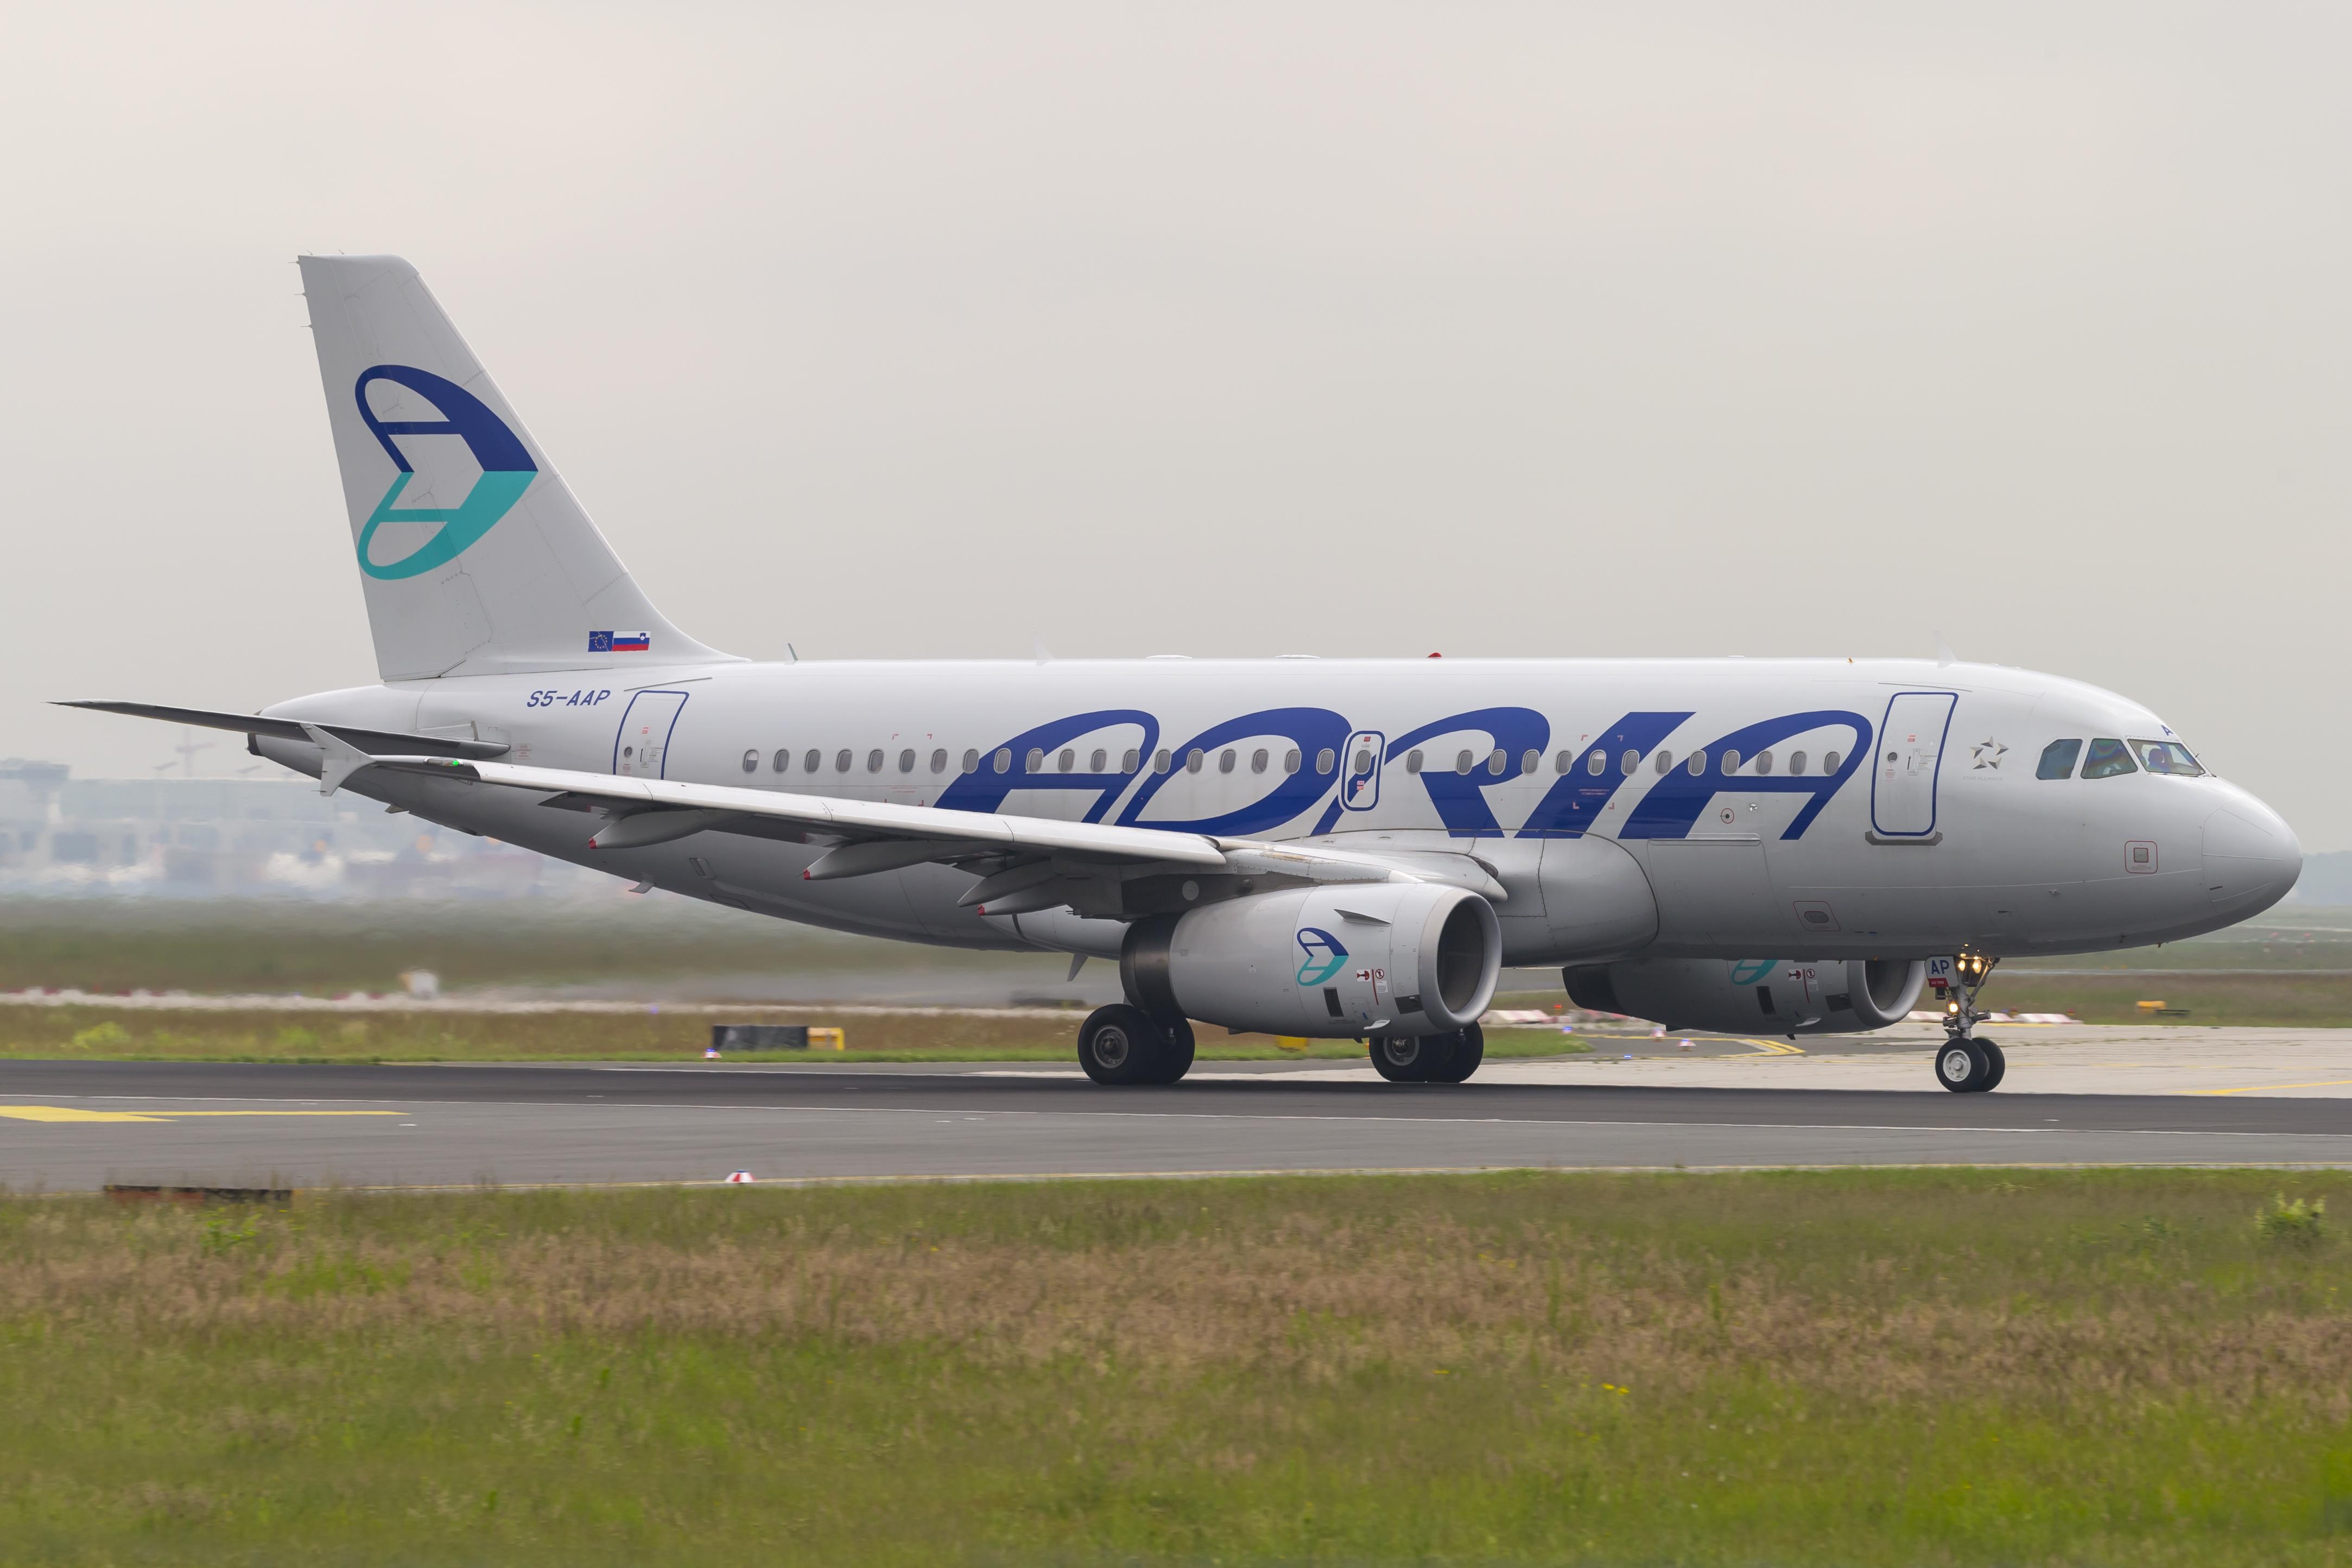 En Airbus A319-100 fra det nu konkursramte slovenske flyselskab Adria Airways. Foto: © Thorbjørn Brunander Sund, Danish Aviation Photo